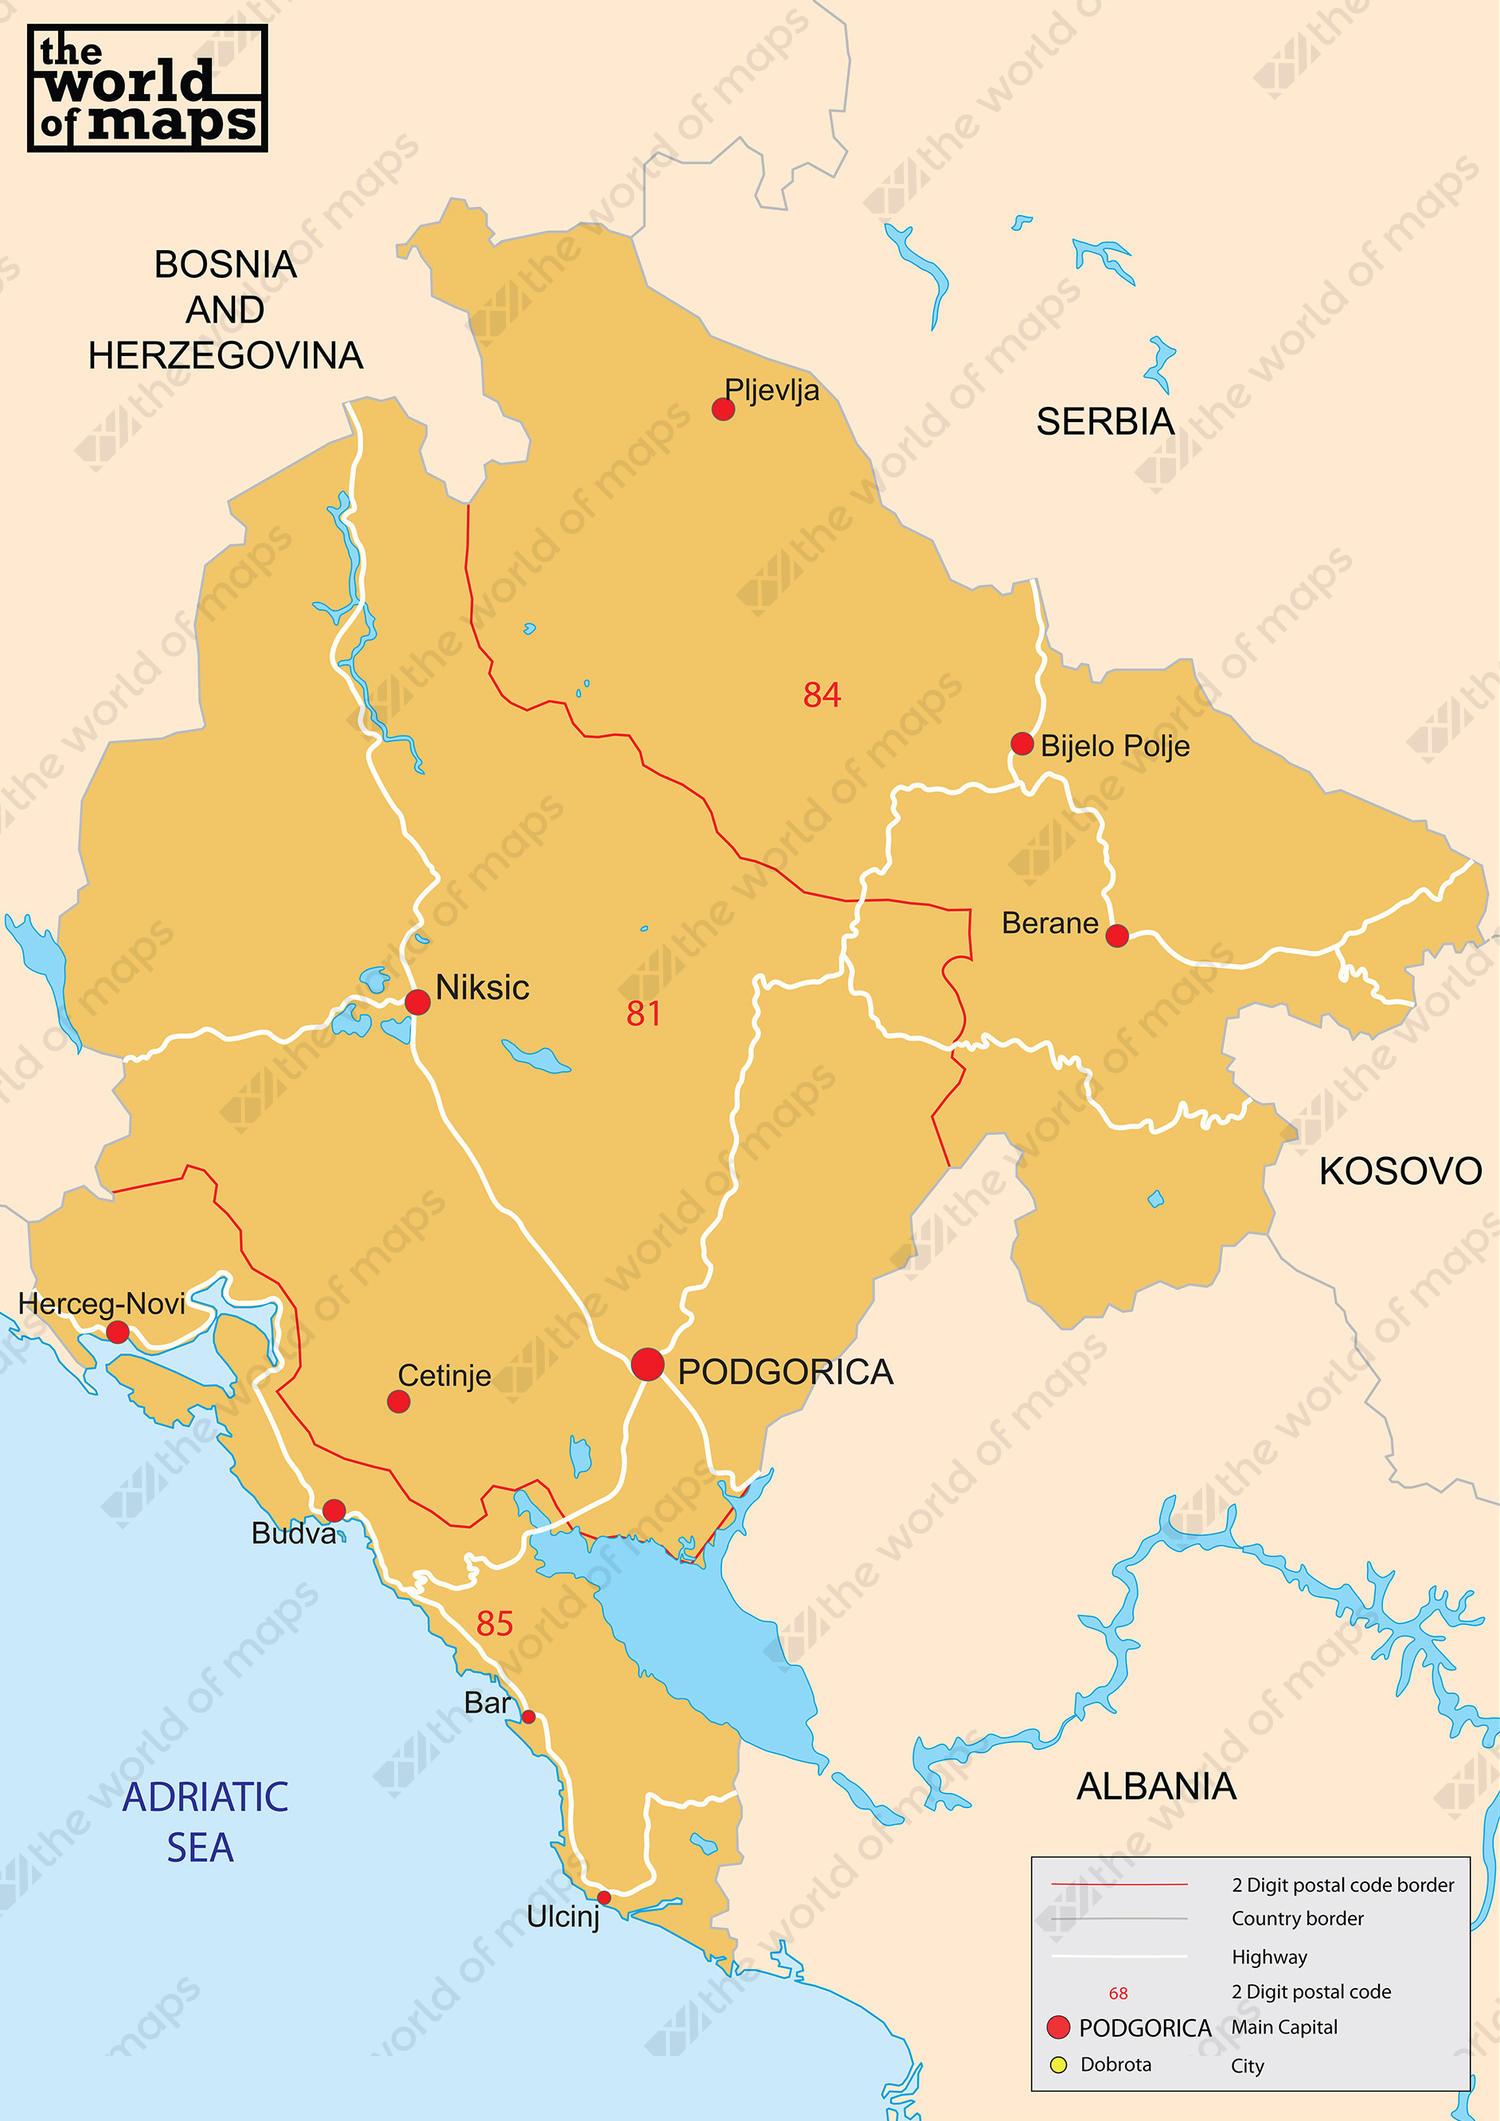 Digital ZIP code map Montenegro 2-digit